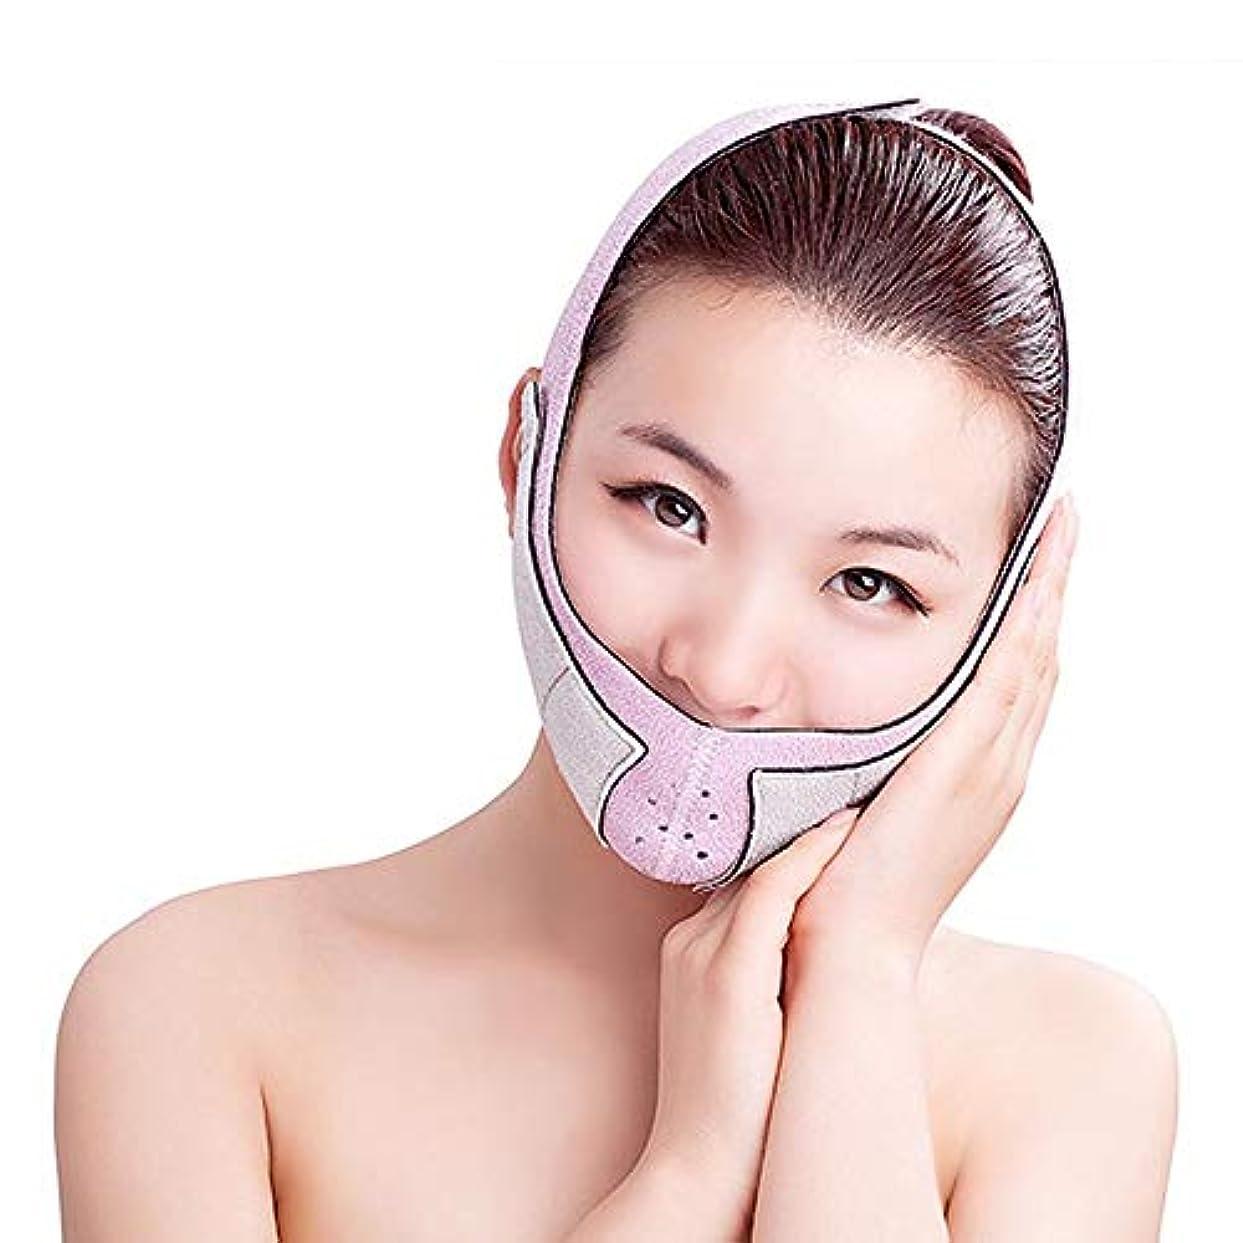 空白頑固な同化するフェイスリフトベルト 薄い顔のベルト - 薄い顔のベルト通気性の補正3D薄い顔のV顔のベルトの包帯薄い顔のアーティファクト (色 : B)